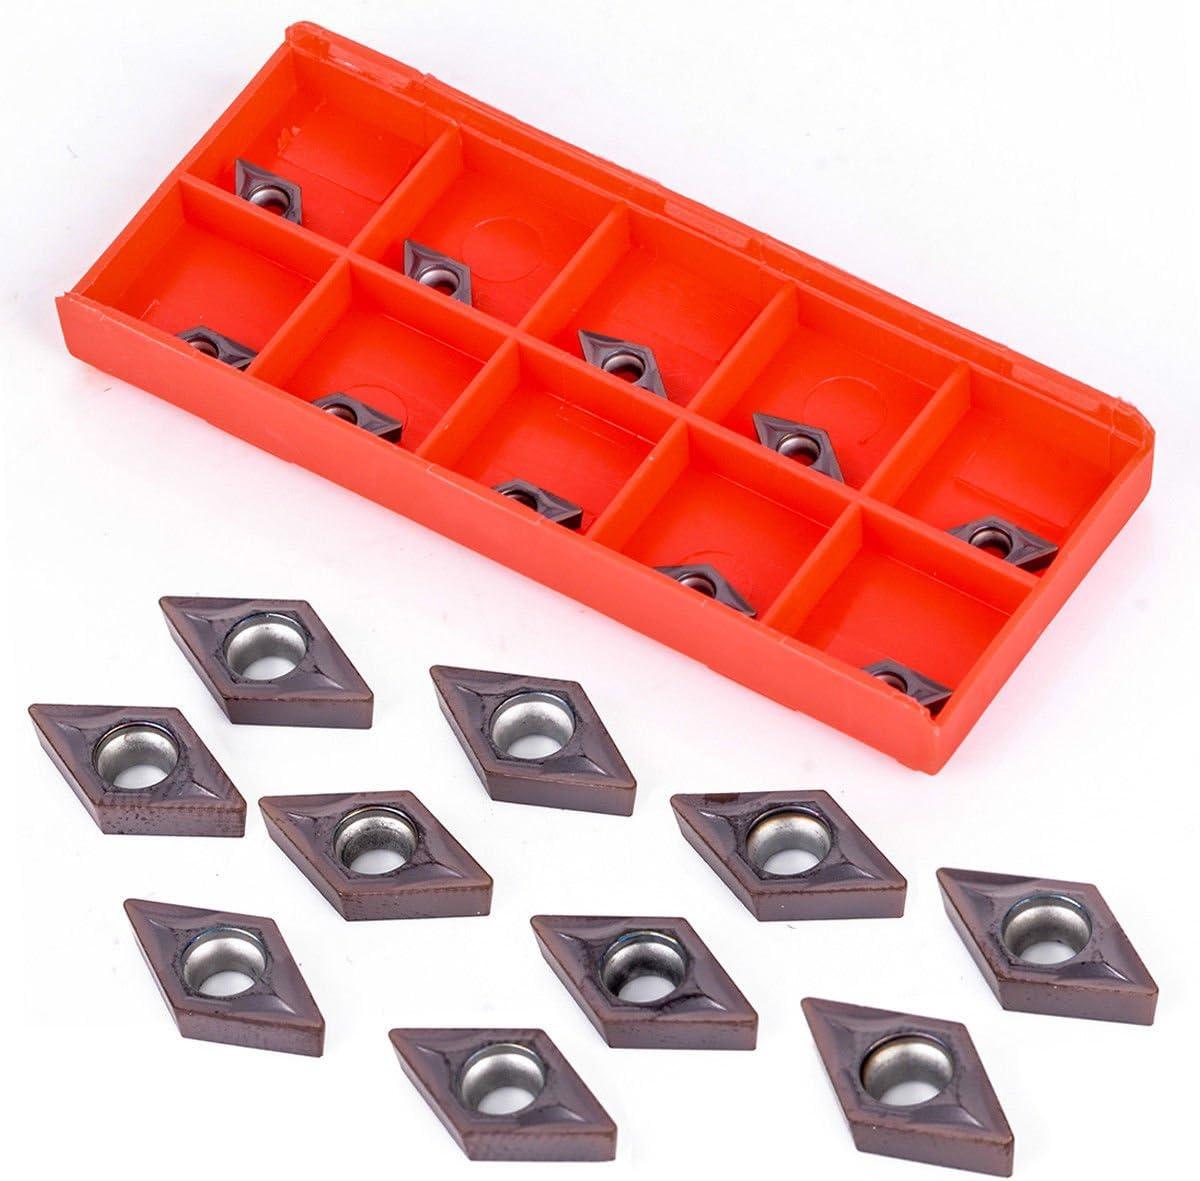 10pcs CNC Hartmetall Einsatzschneider Wendeschneid Drehmaschine Fr/äseins/ätze Drehen Werkzeuge mit Box CCMT09t304 CCMT32.5